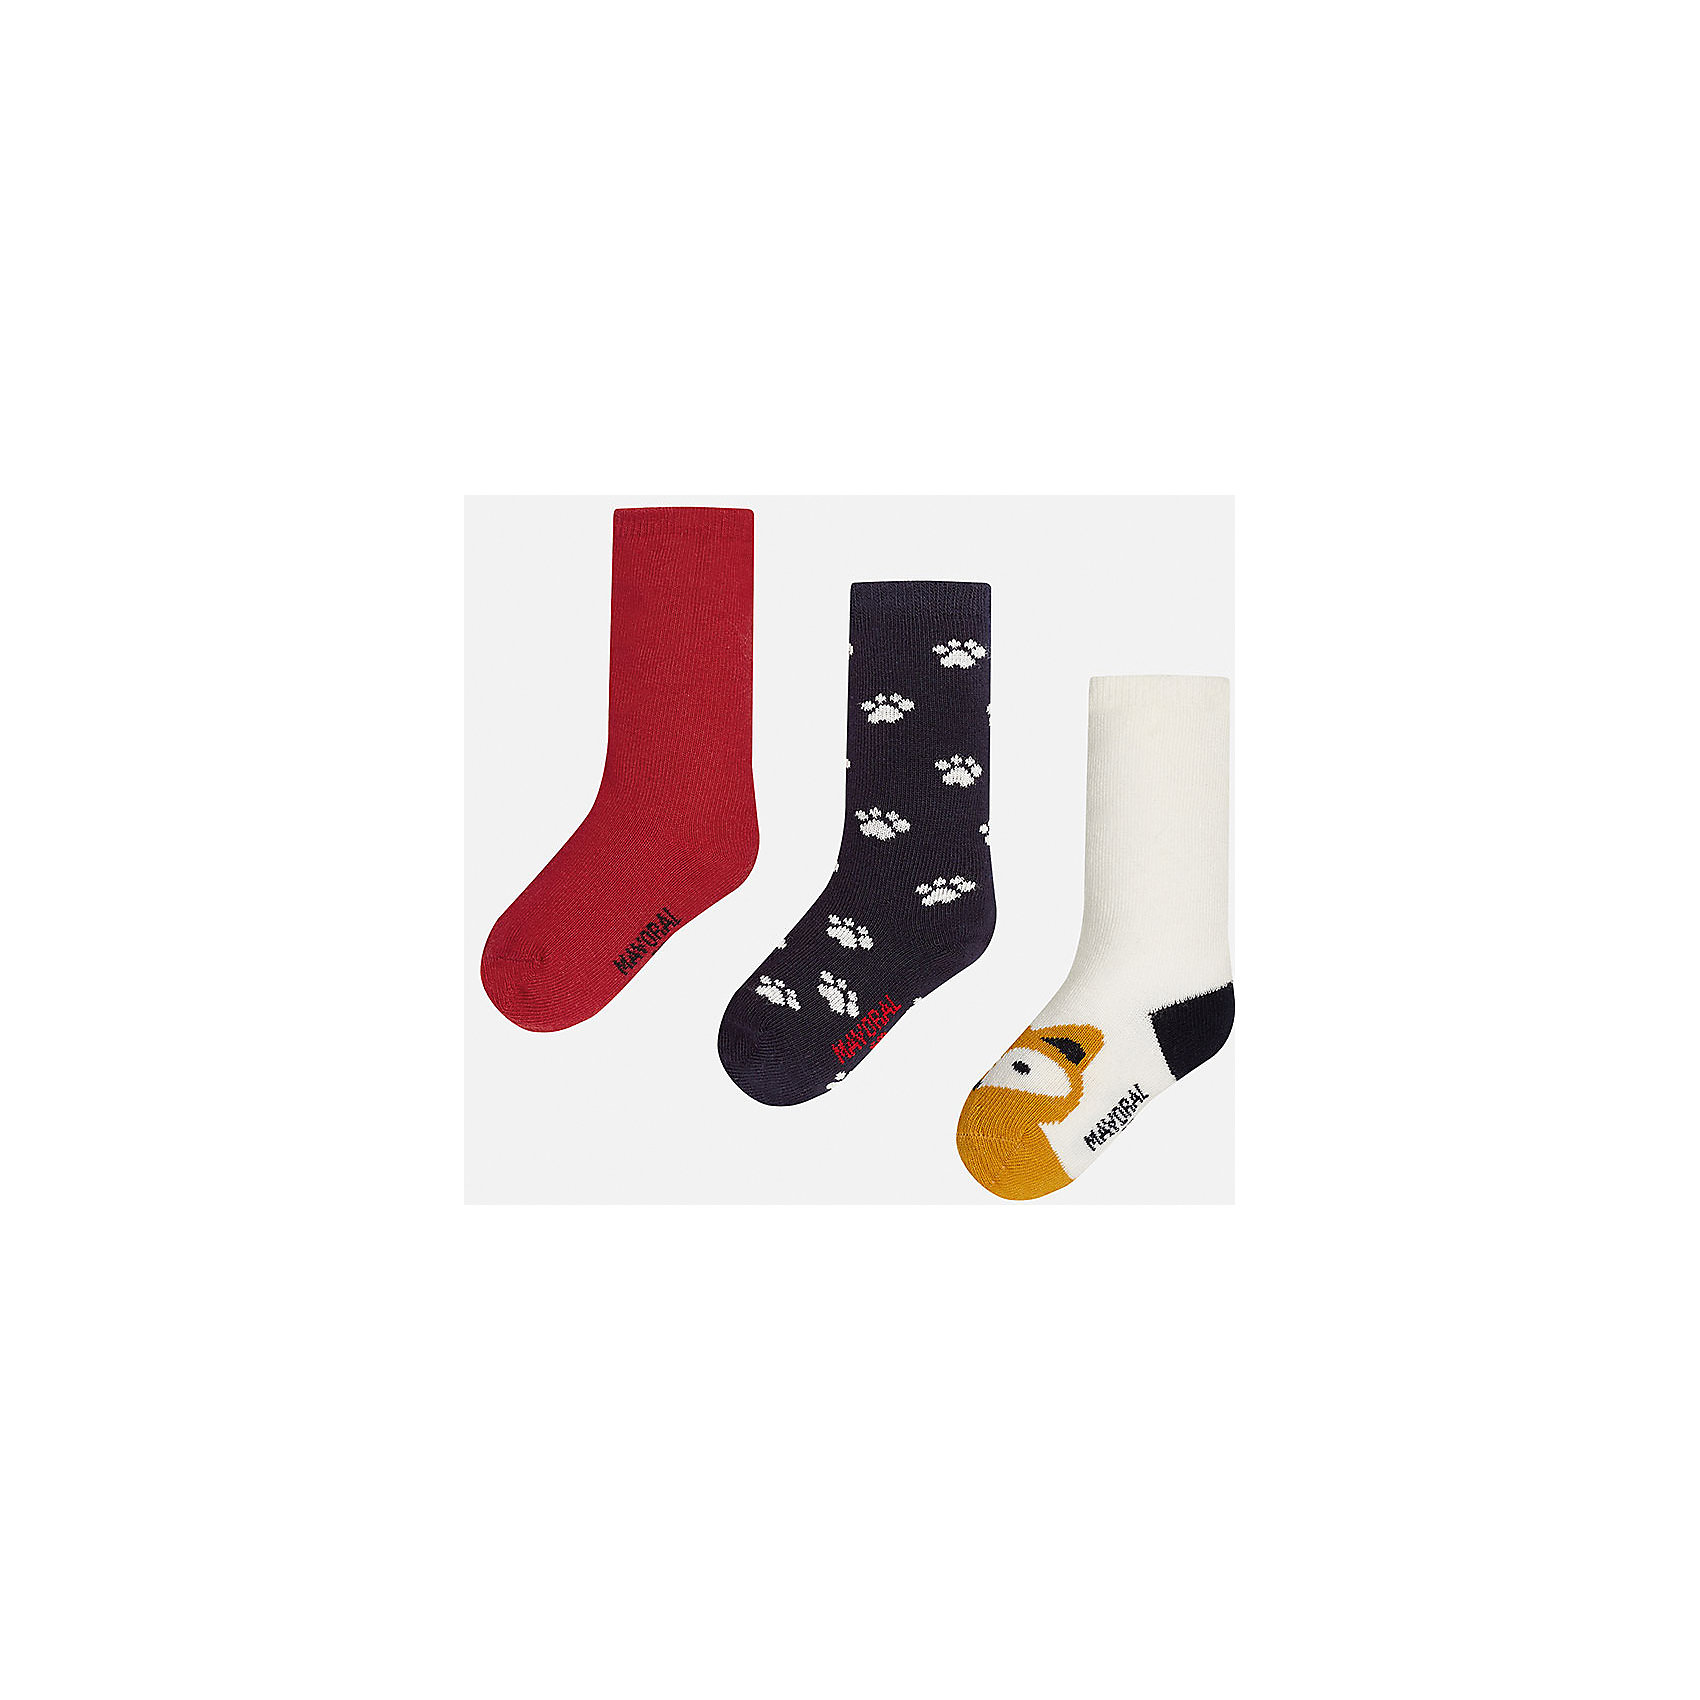 Носки для мальчика, 3 парыНабор из 3 пар носков для мальчиков от известного испанского бренда Mayoral. В комплекте носки разной расцветки: красный, черный с рисунком белые лапки, белый с черной пяткой и оранжевым носком с рисунком в виде зверюшки. Носки сделаны из специальных дышащих материалов, чтобы ноги ребенка не потели.<br>Дополнительная информация:<br>-разная расцветка<br>-состав: 72% хлопок, 25% полиамид, 3% эластан<br>Комплект носков Mayoral можно приобрести в нашем интернет-магазине.<br><br>Ширина мм: 87<br>Глубина мм: 10<br>Высота мм: 105<br>Вес г: 115<br>Цвет: бордовый<br>Возраст от месяцев: 18<br>Возраст до месяцев: 24<br>Пол: Мужской<br>Возраст: Детский<br>Размер: 2,1<br>SKU: 4820047